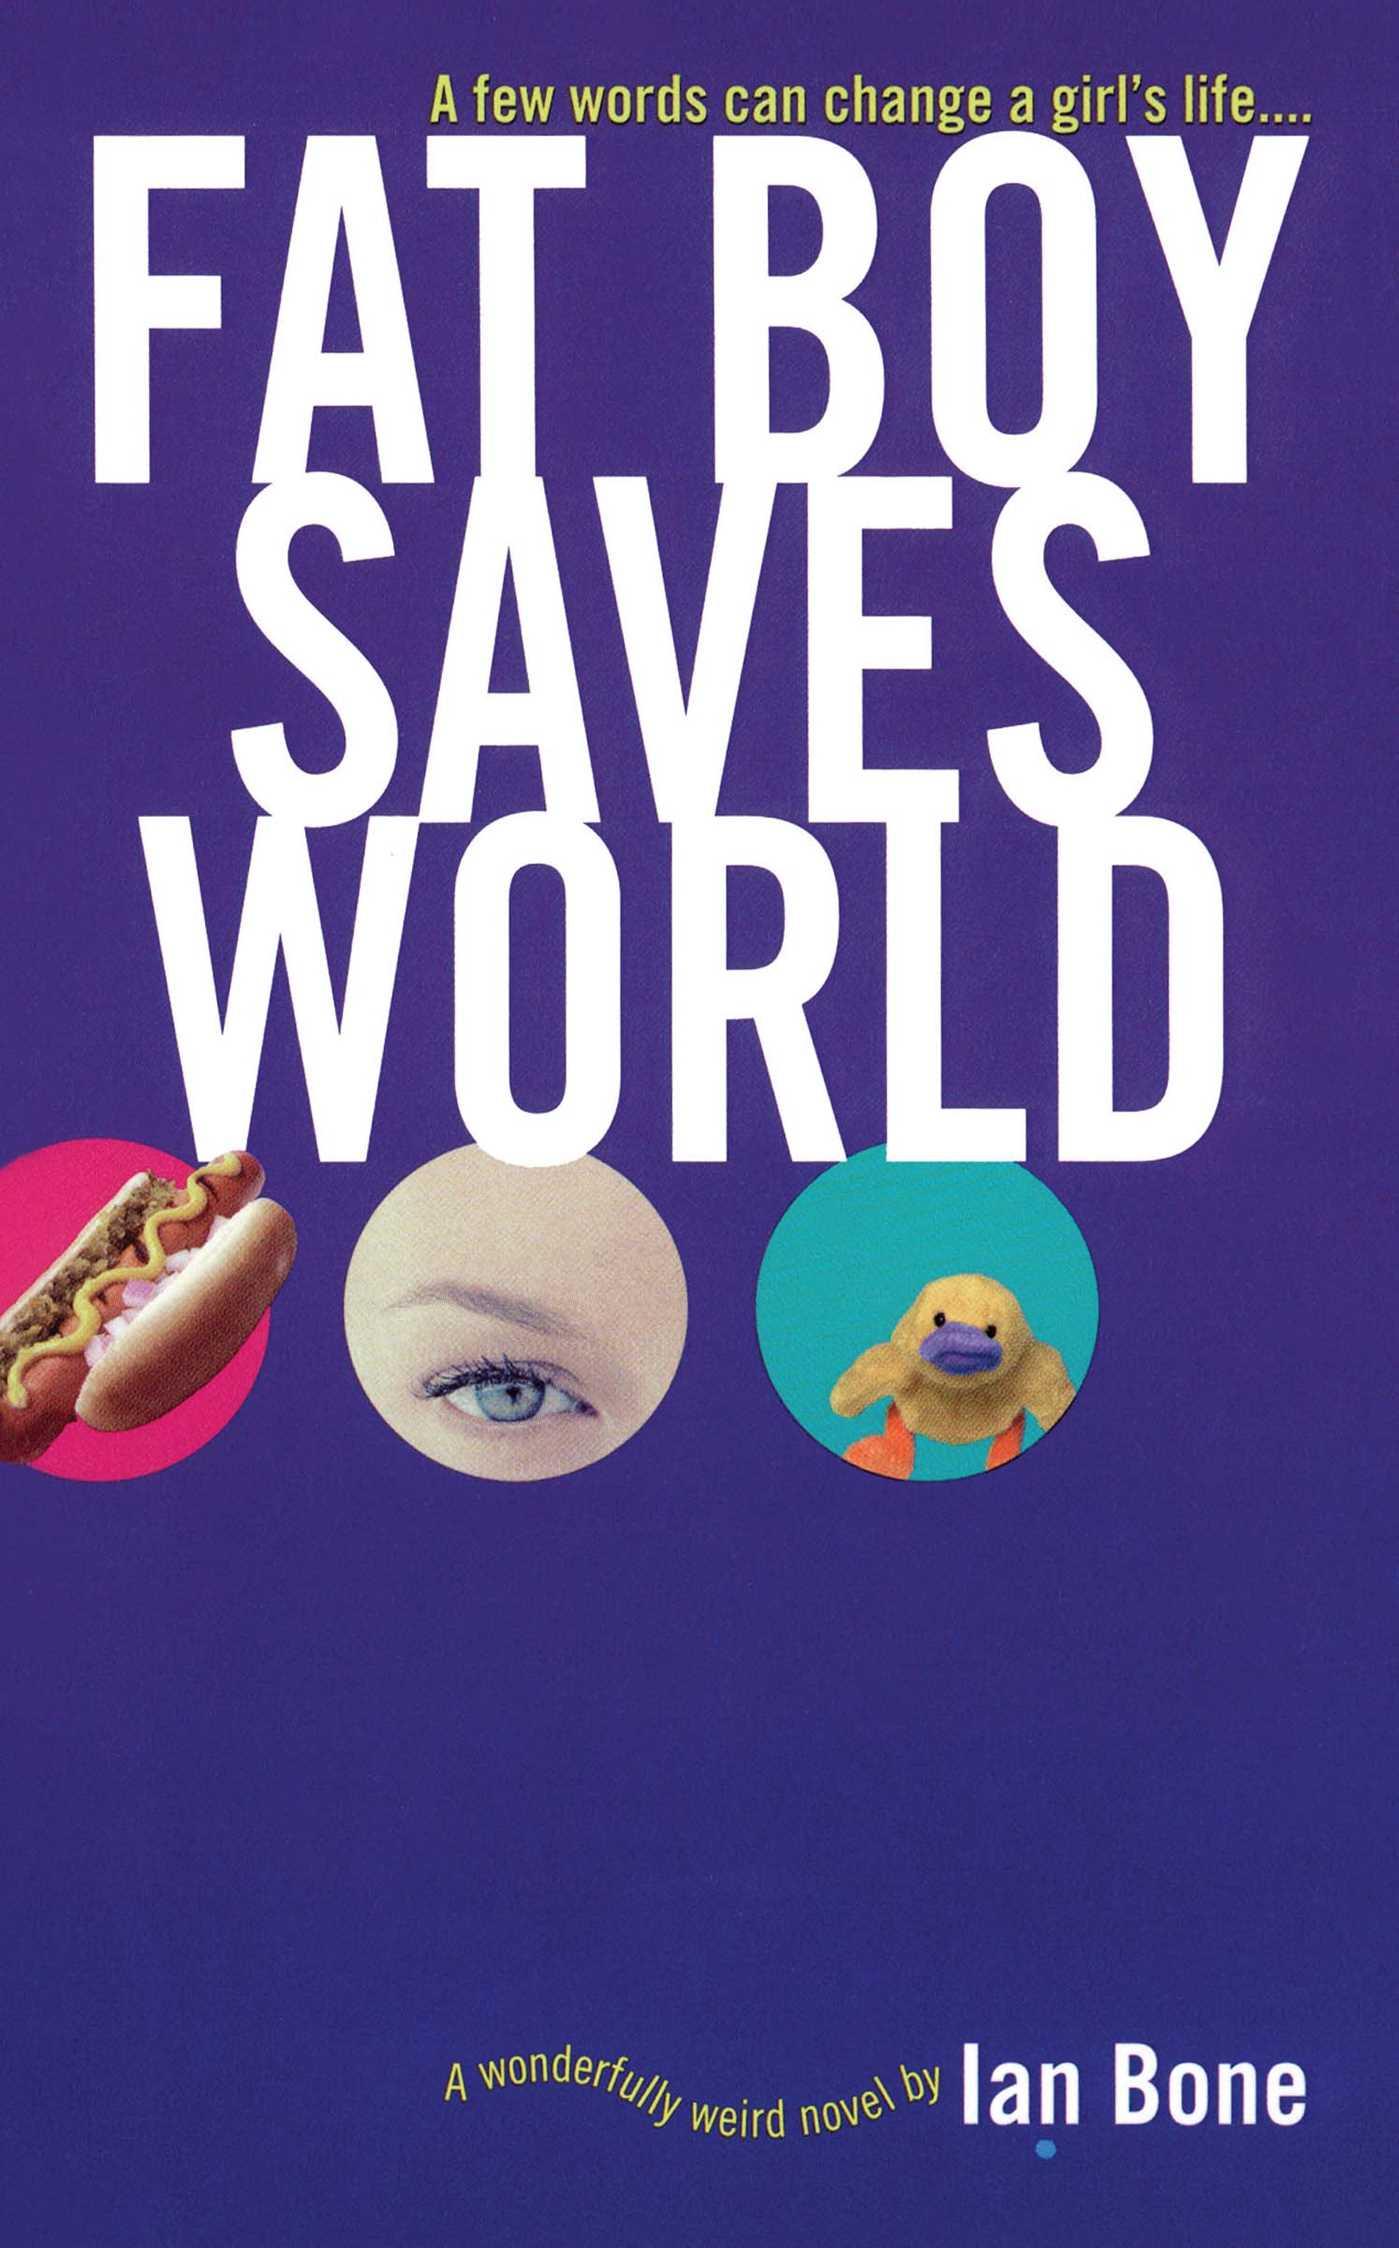 Fat boy saves world 9781442431058 hr